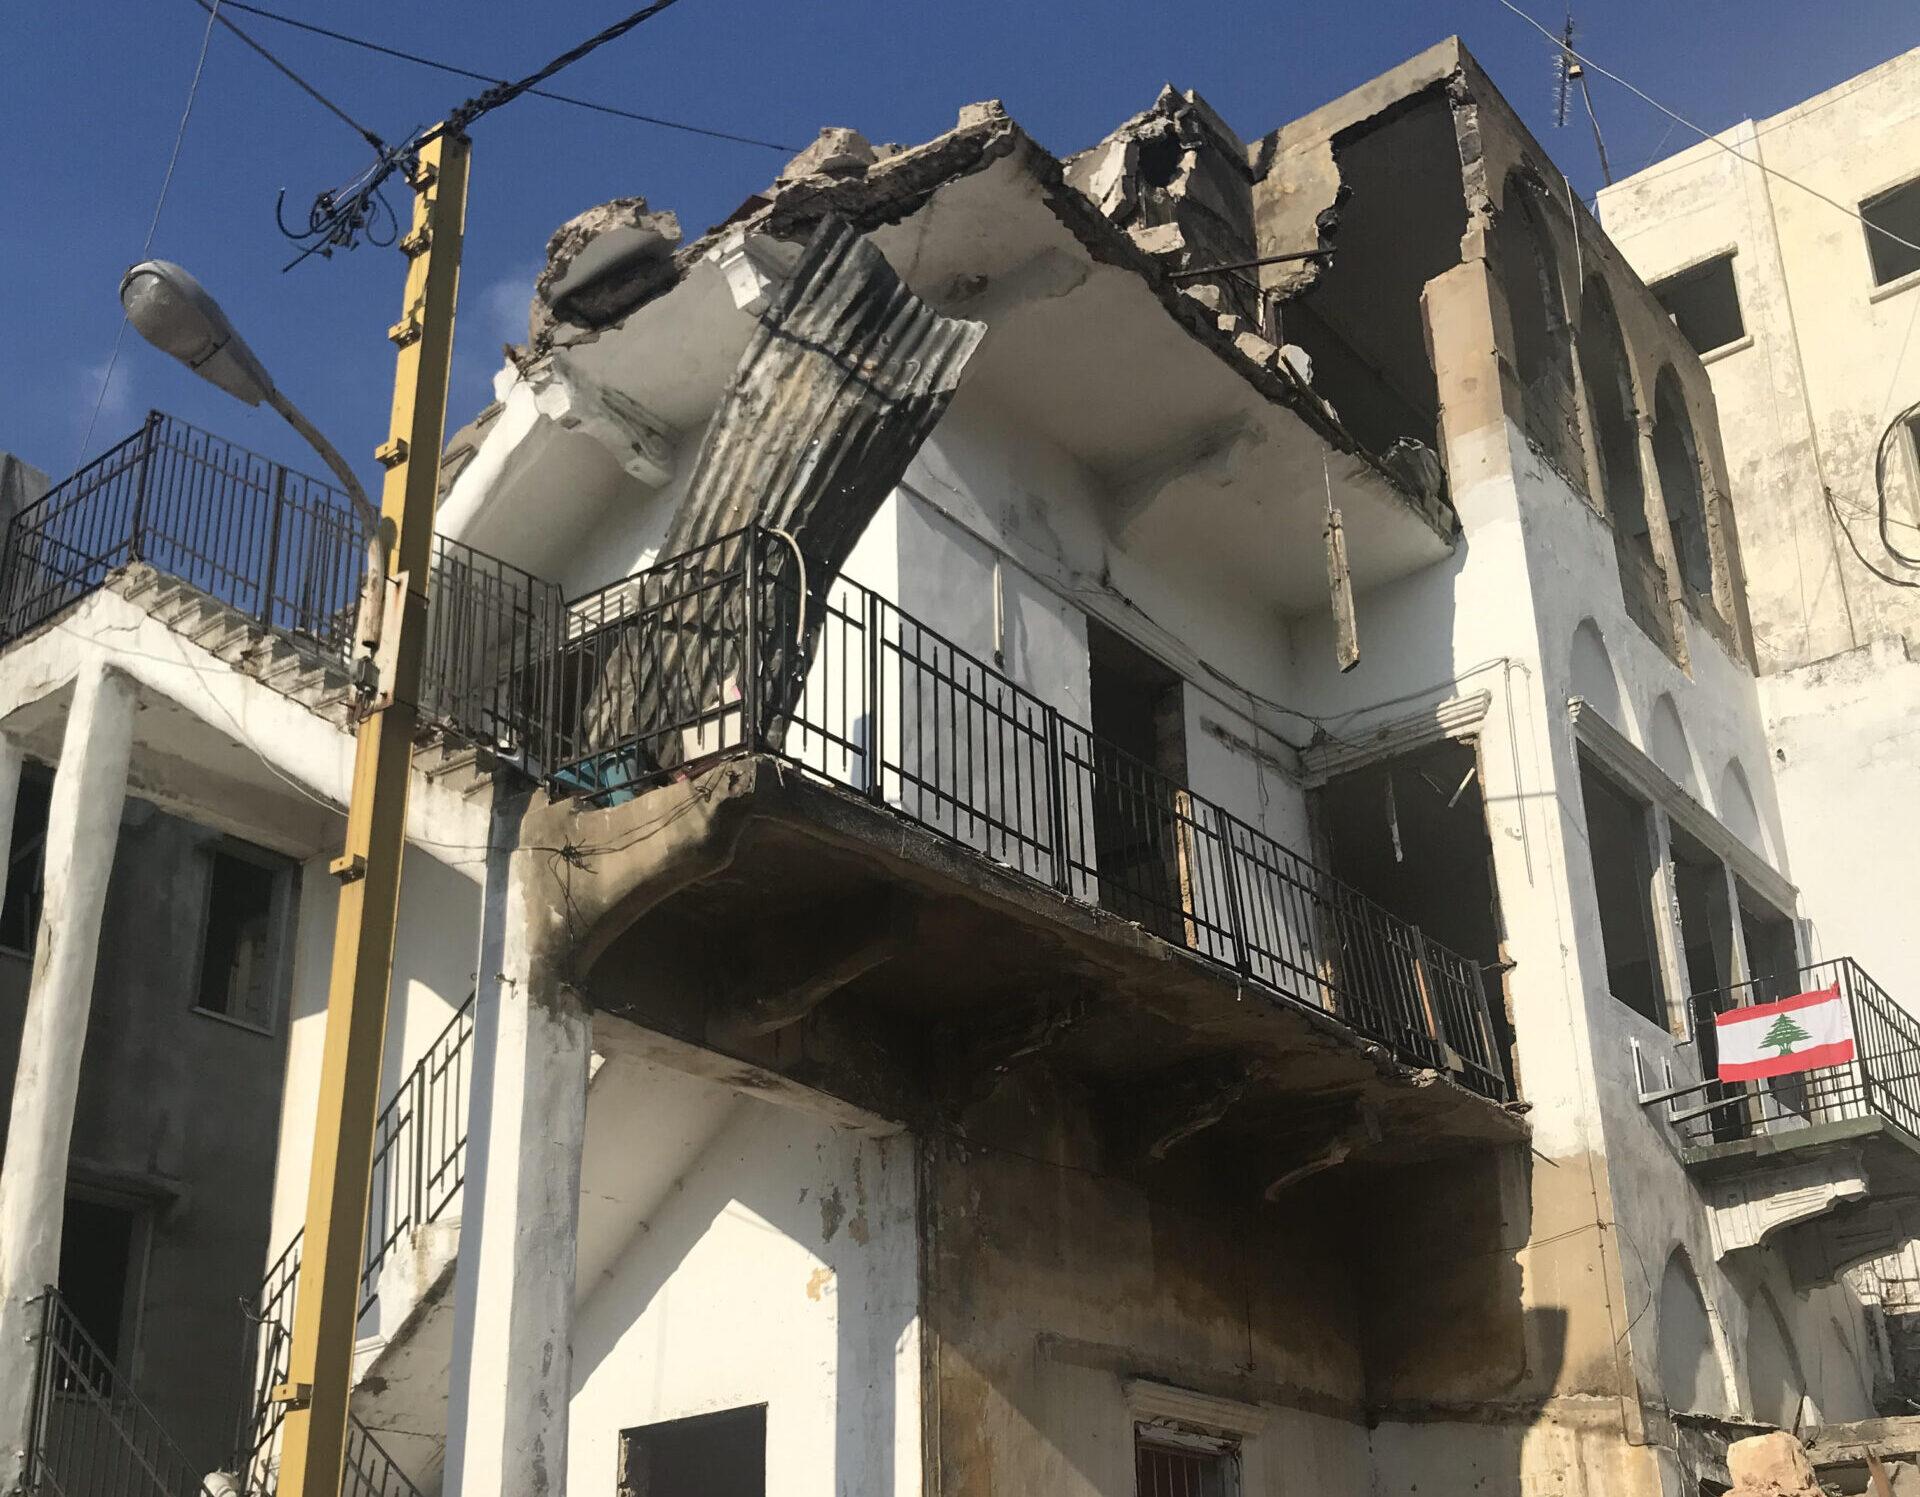 أي مستقبل ينتظر الكرنتينا بعد انفجار مرفأ بيروت؟ (1/3) تهجير حرب لم تنته